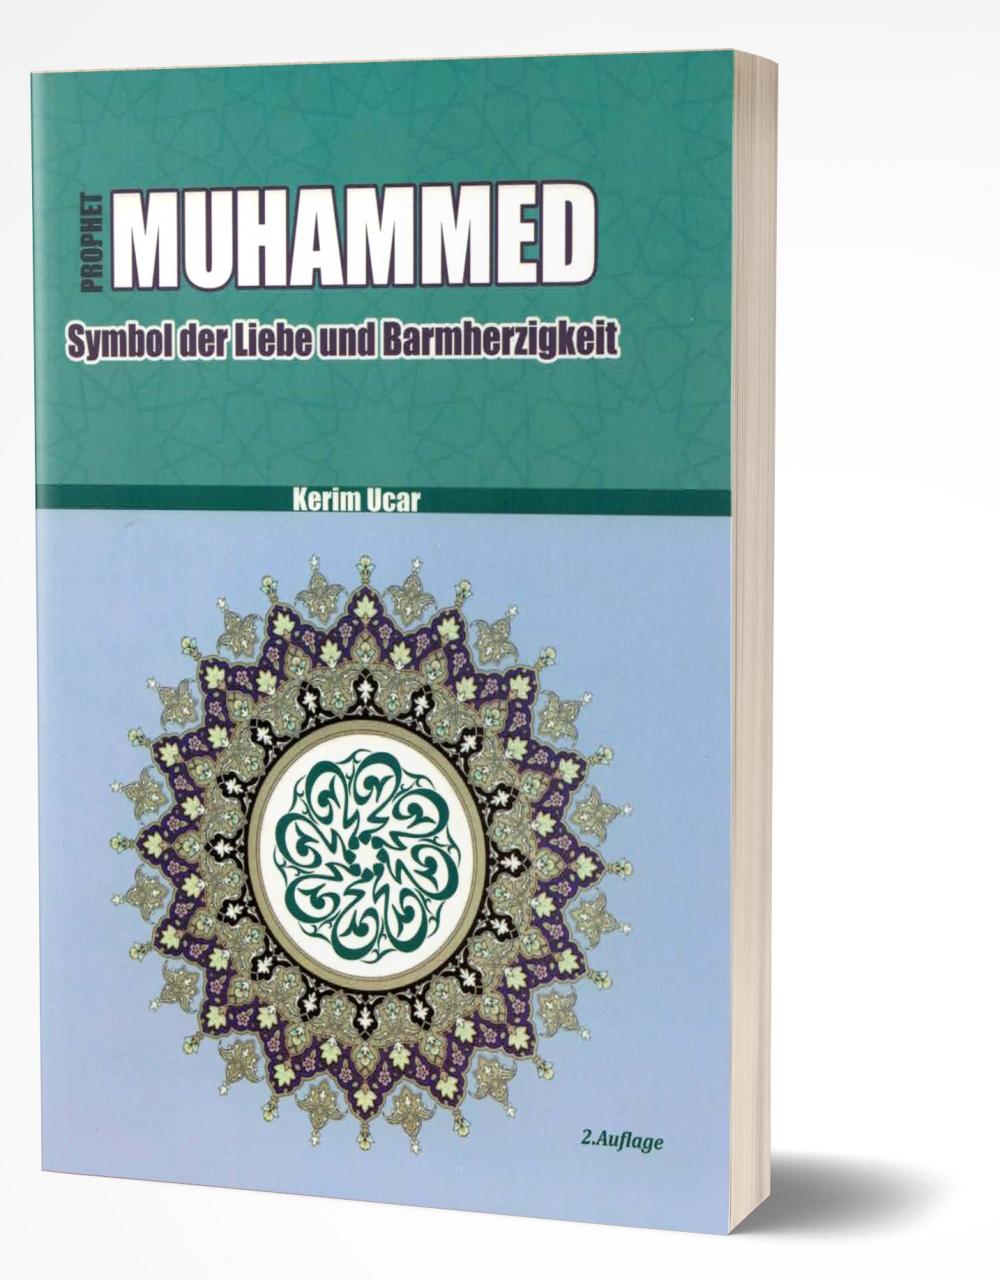 Prophet Muhammed - Symbol der Liebe und Barmherzigkeit (Zweite Auflage)